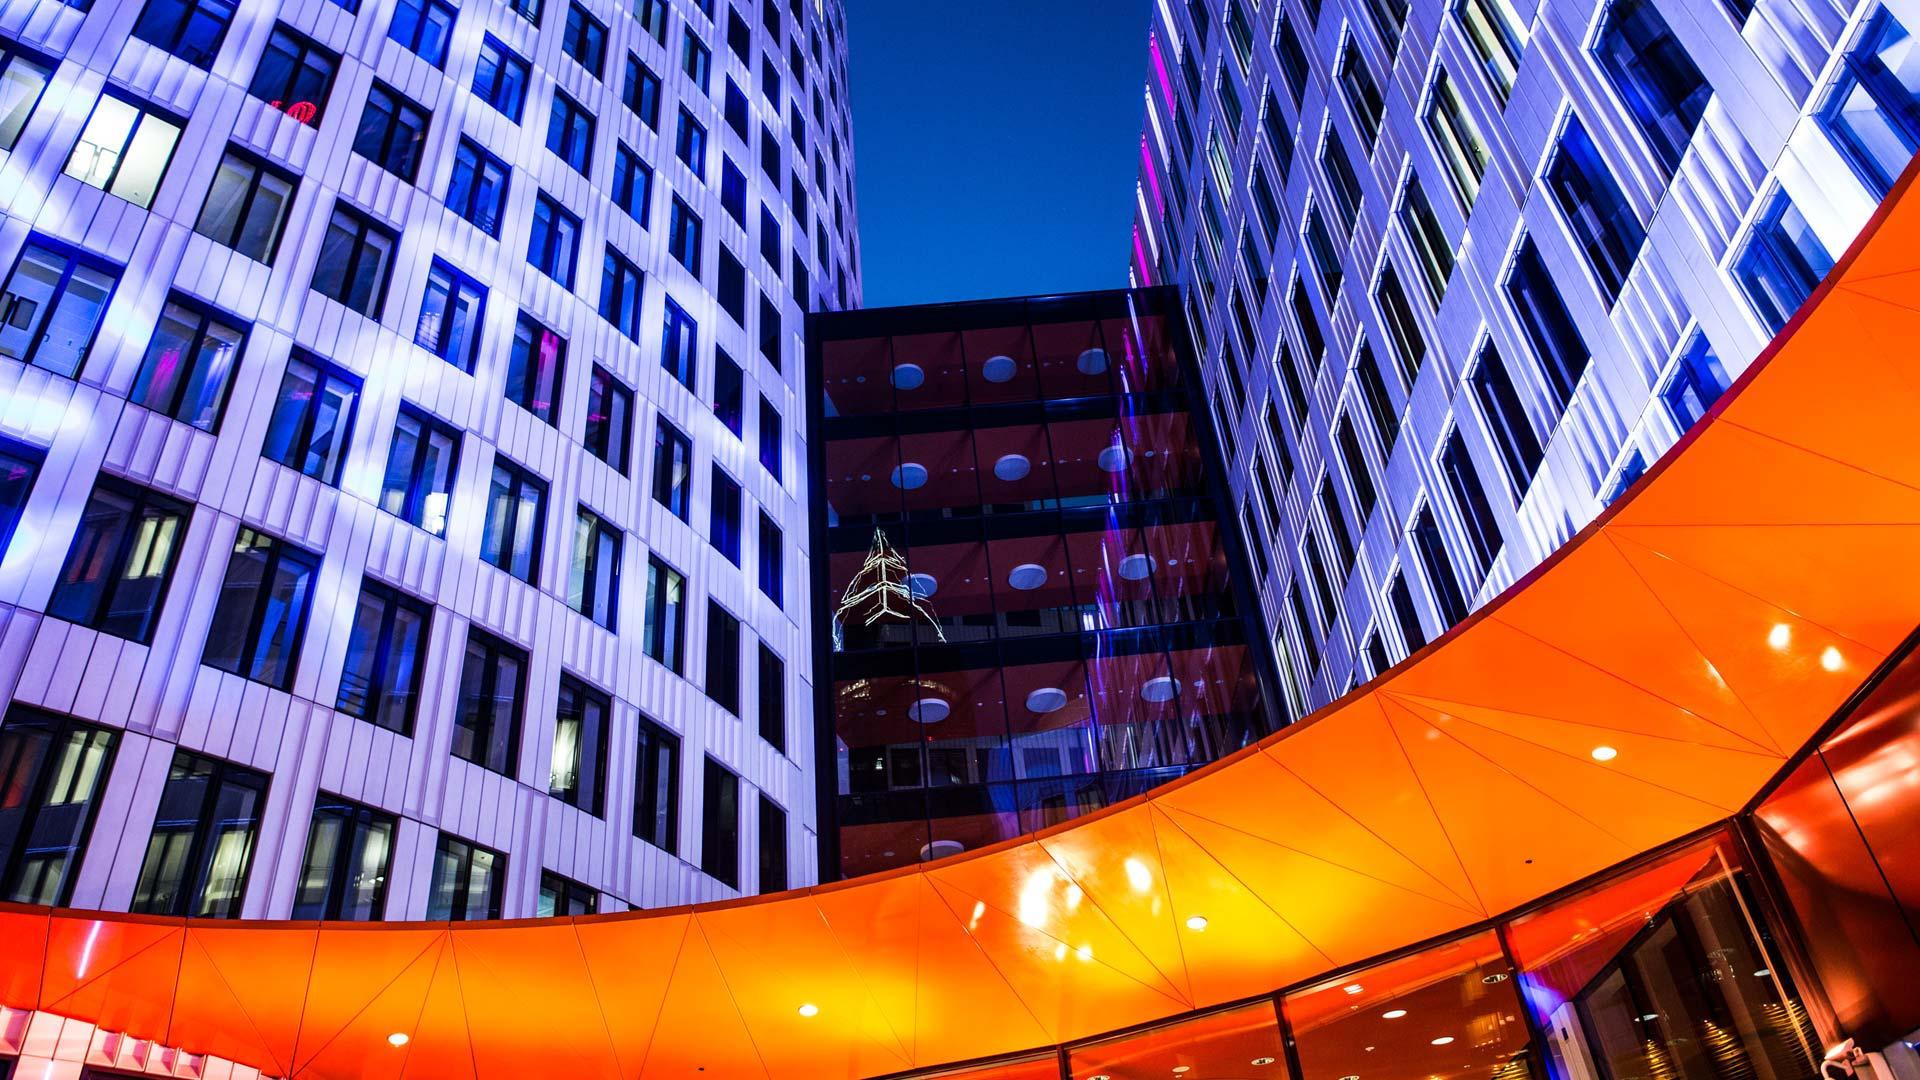 MAASS-Lichtplanung_Lichkunst zur Luminale 2016 am ING-DiBa Gebäude__MAASS-Luminaleo-008